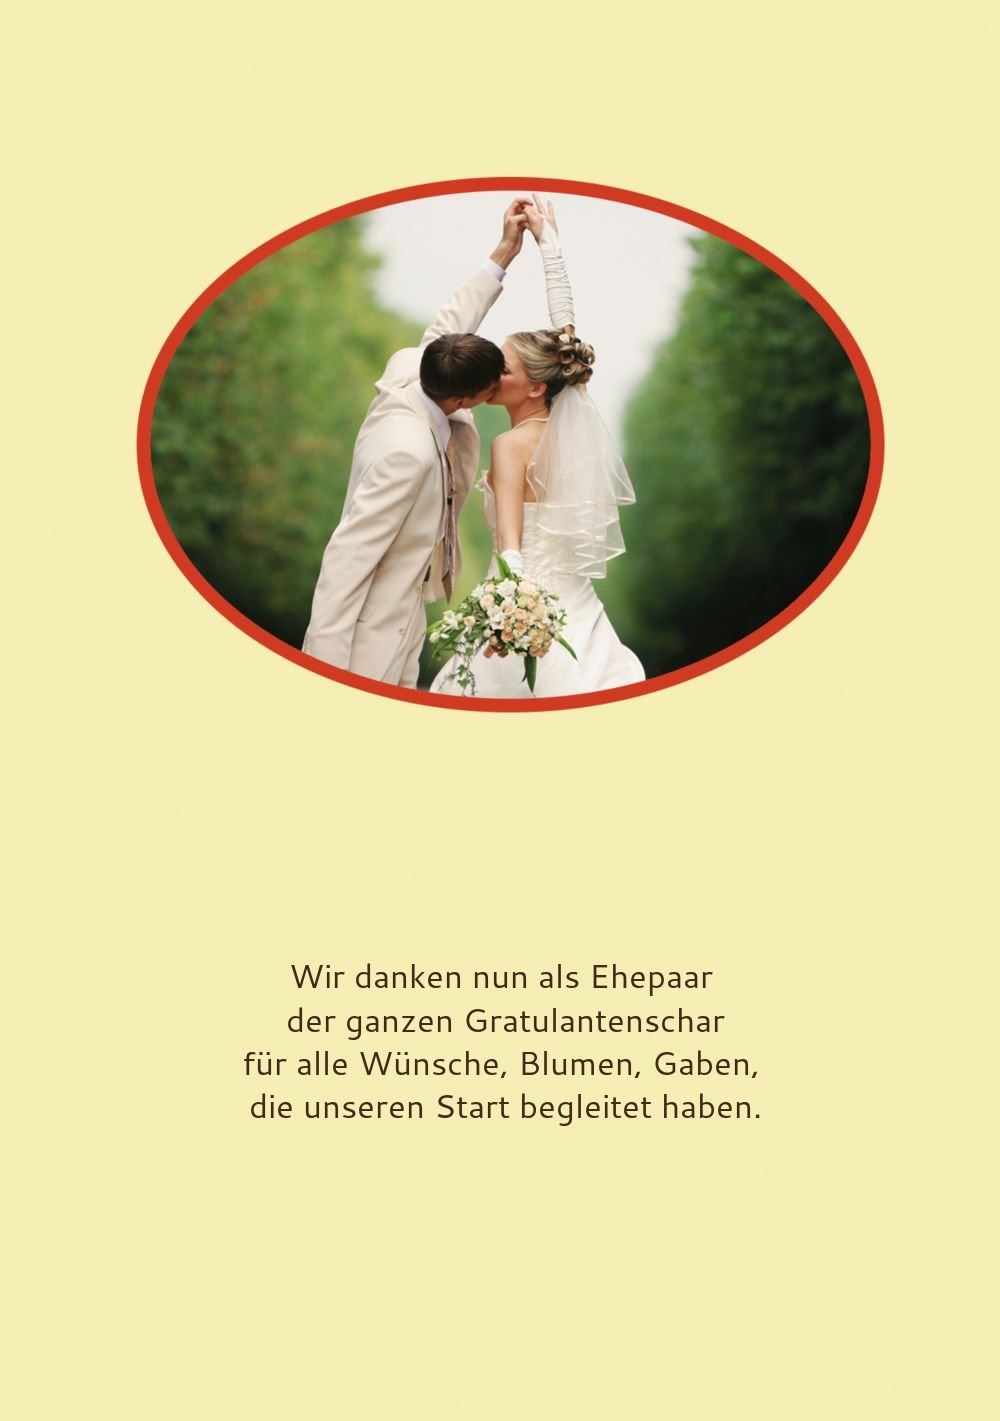 Kartenparadies Danksagung Danksagung Danksagung für Hochzeitsgeschenke Hochzeit Dankeskarte Turteltäubchen, hochwertige Danksagungskarte Hochzeitsglückwünsche inklusive Umschläge   20 Karten - (Format  105x148 mm) Farbe  DunkelgrauBraun B01N36BGB6 | Ne a2cdcd